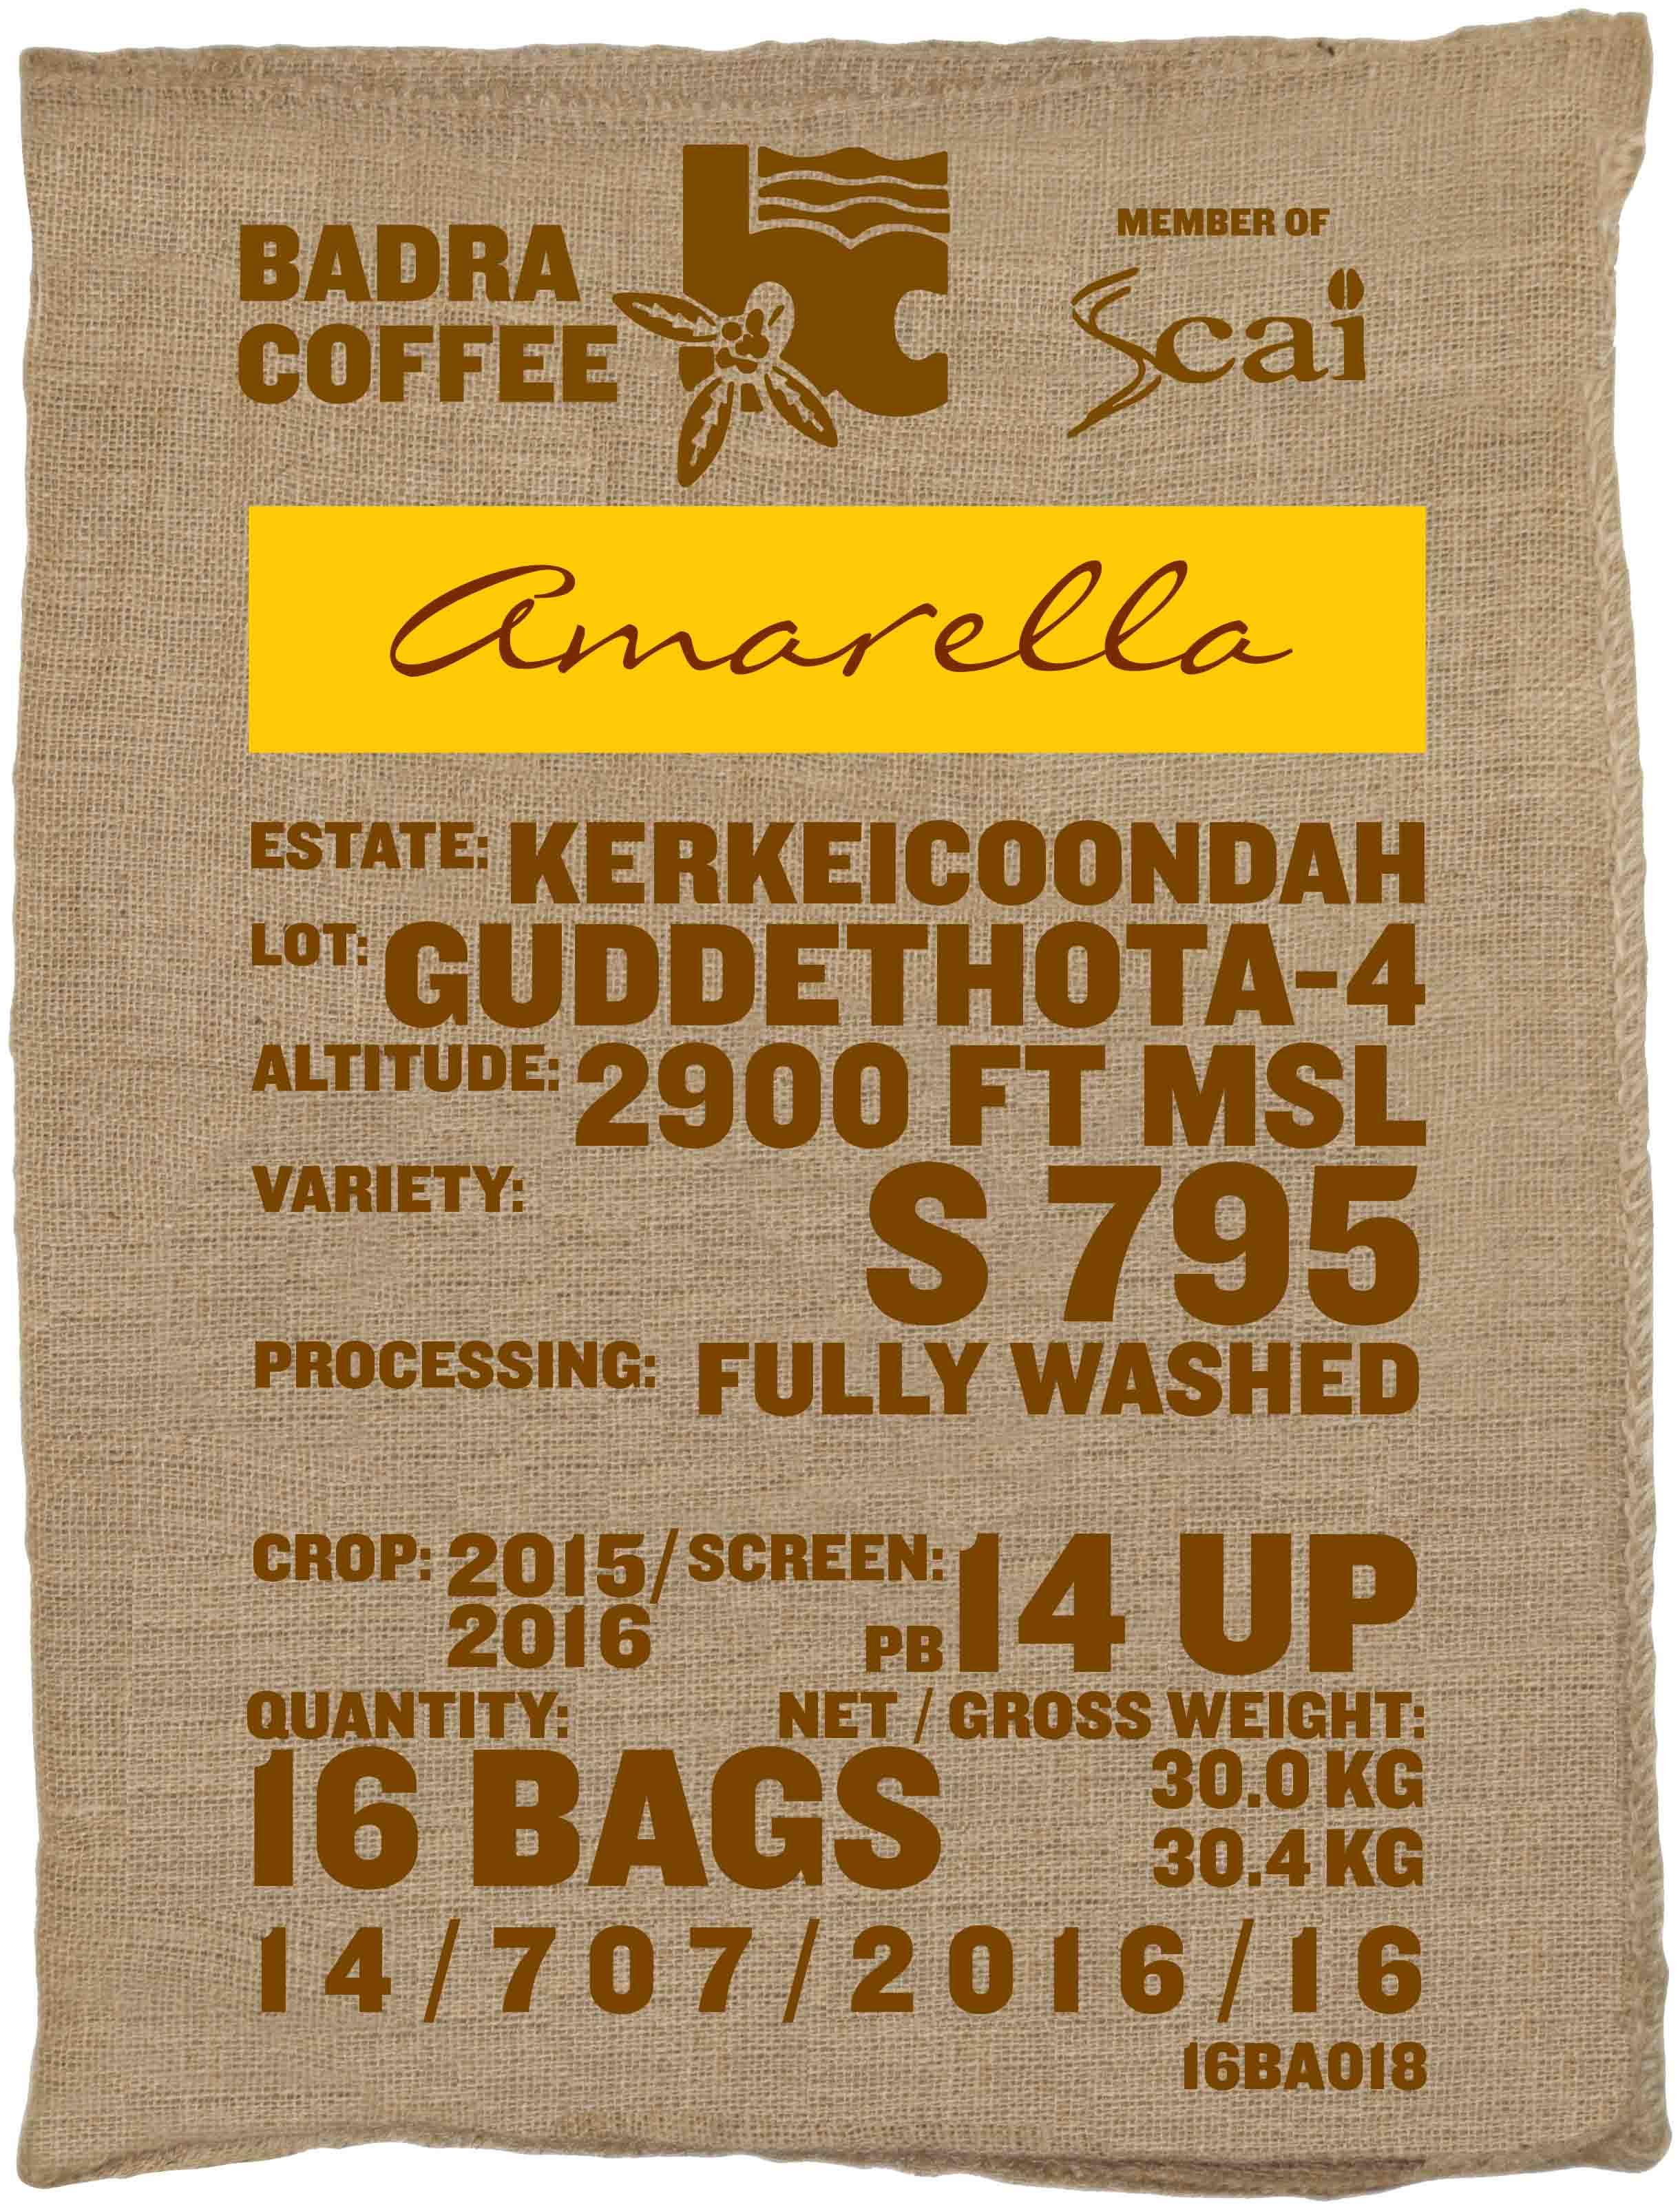 Ein Kaffeesack Rohkaffee Varietät S795 Perlbohne. Badra Estates Lot Guddethota 4